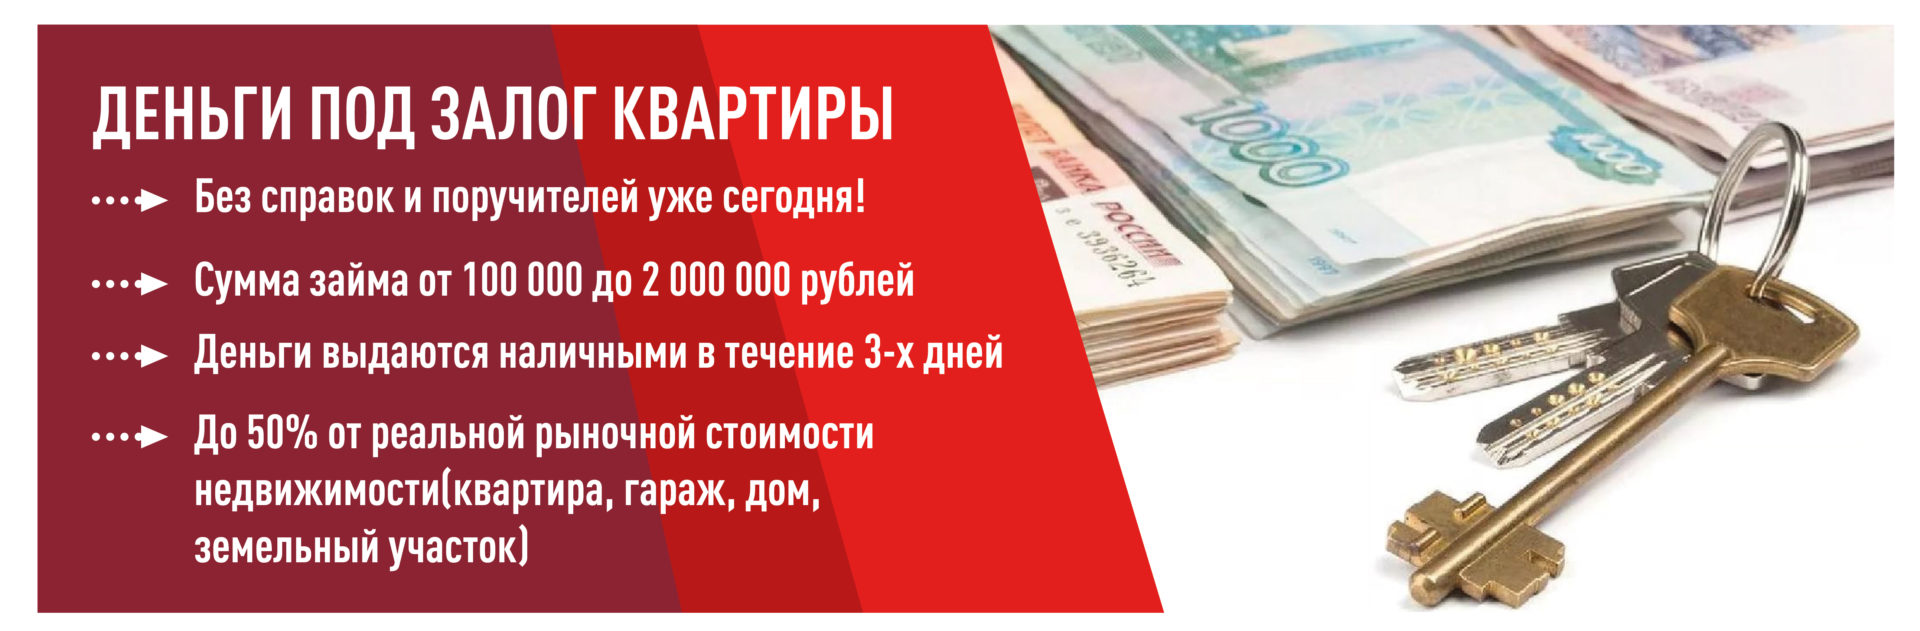 банки выдающие кредит под залог квартиры